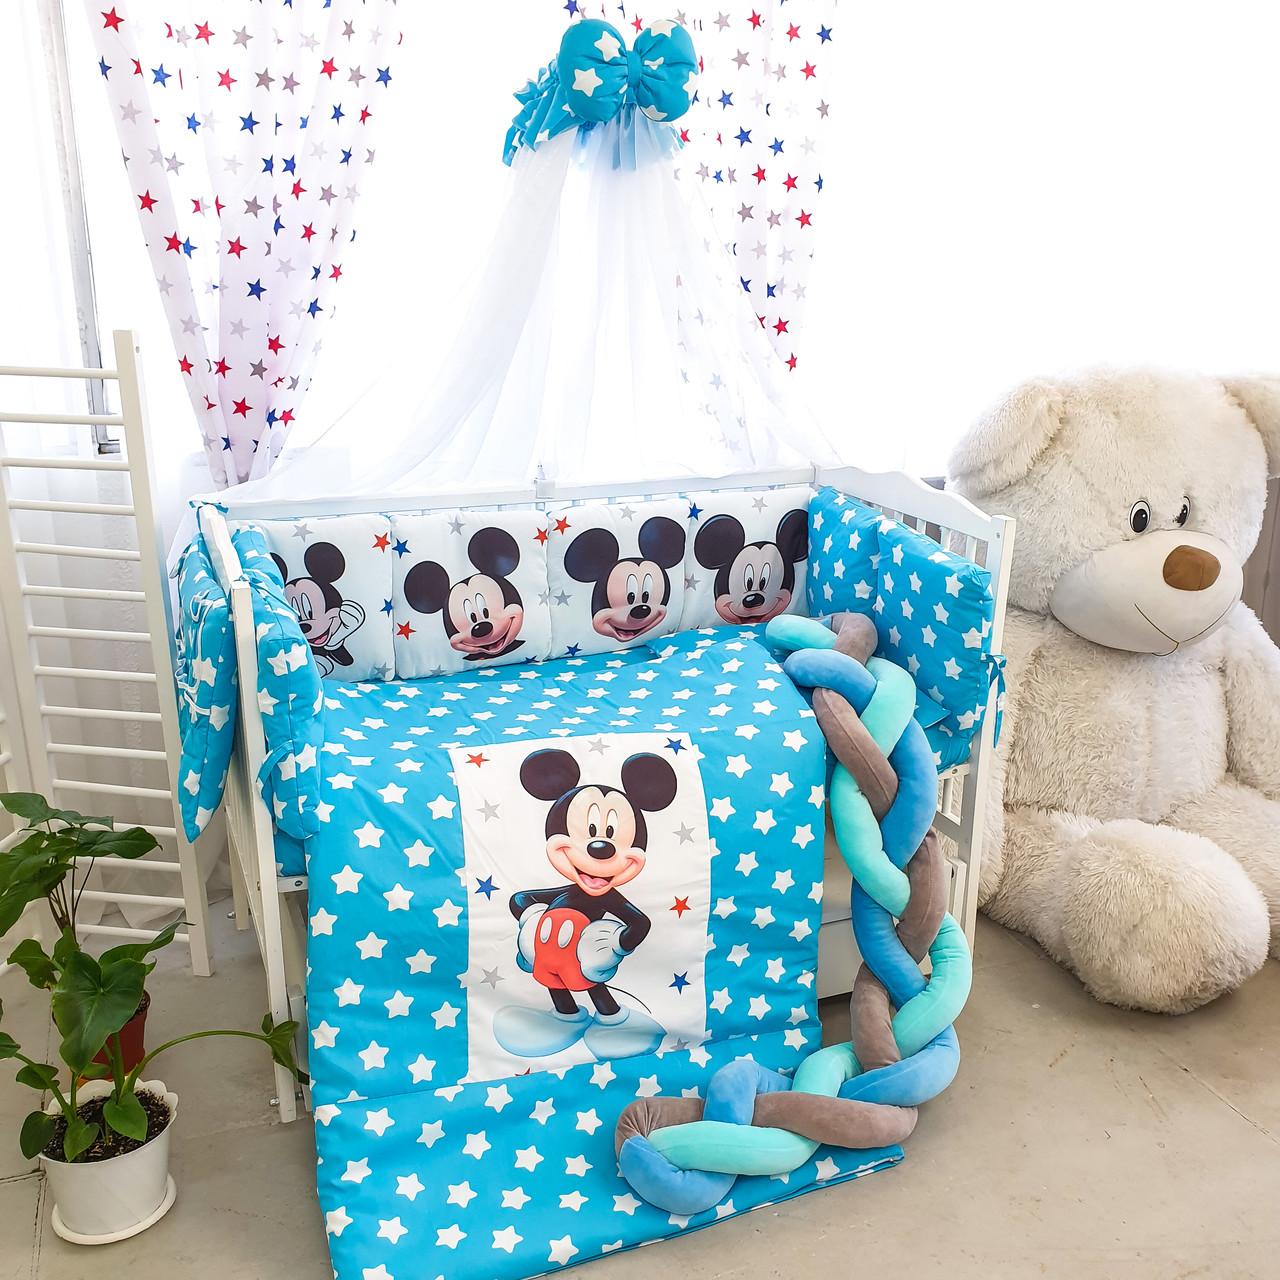 Дитяча постіль Ніжний Велюр Міккі 8 елементів (кольори в асортименті)Безкоштовна доставка